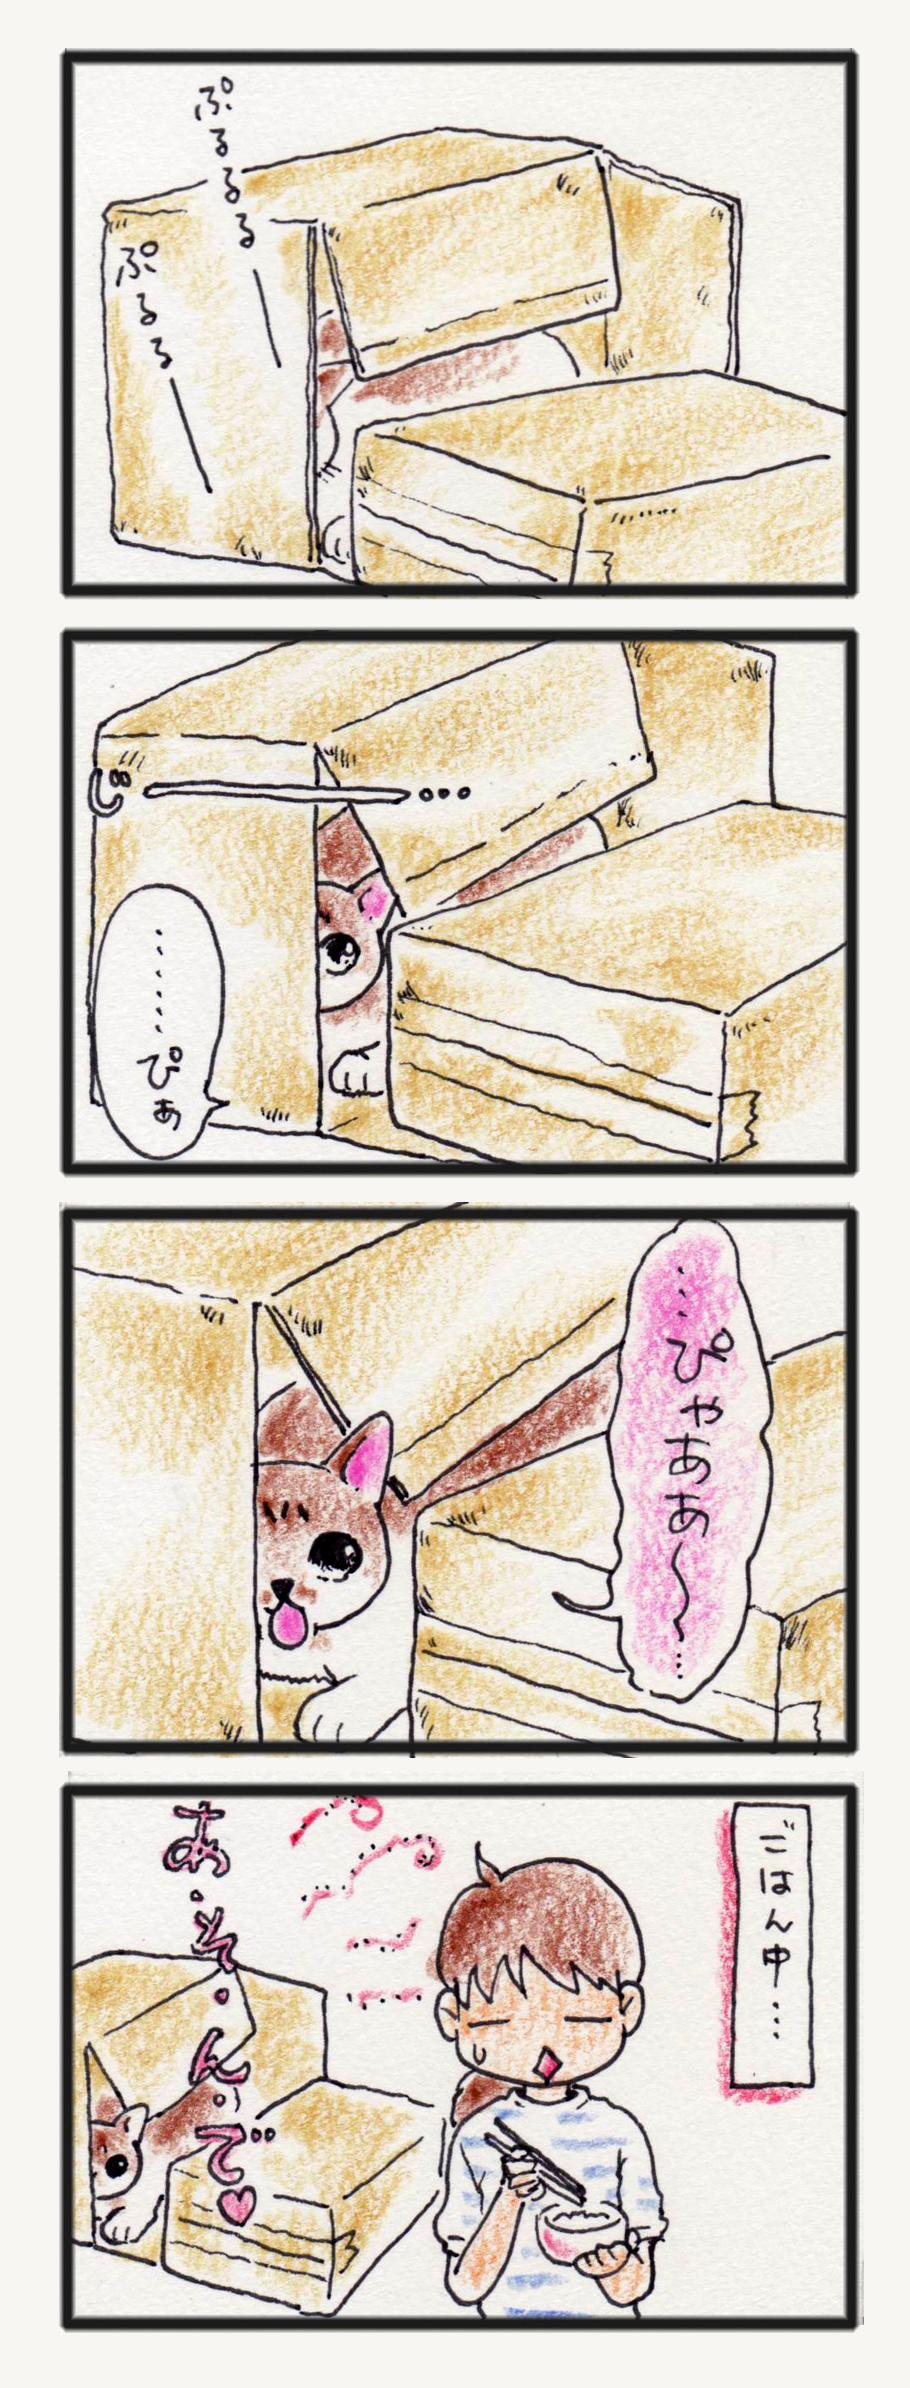 comic_4c_14061501.jpg